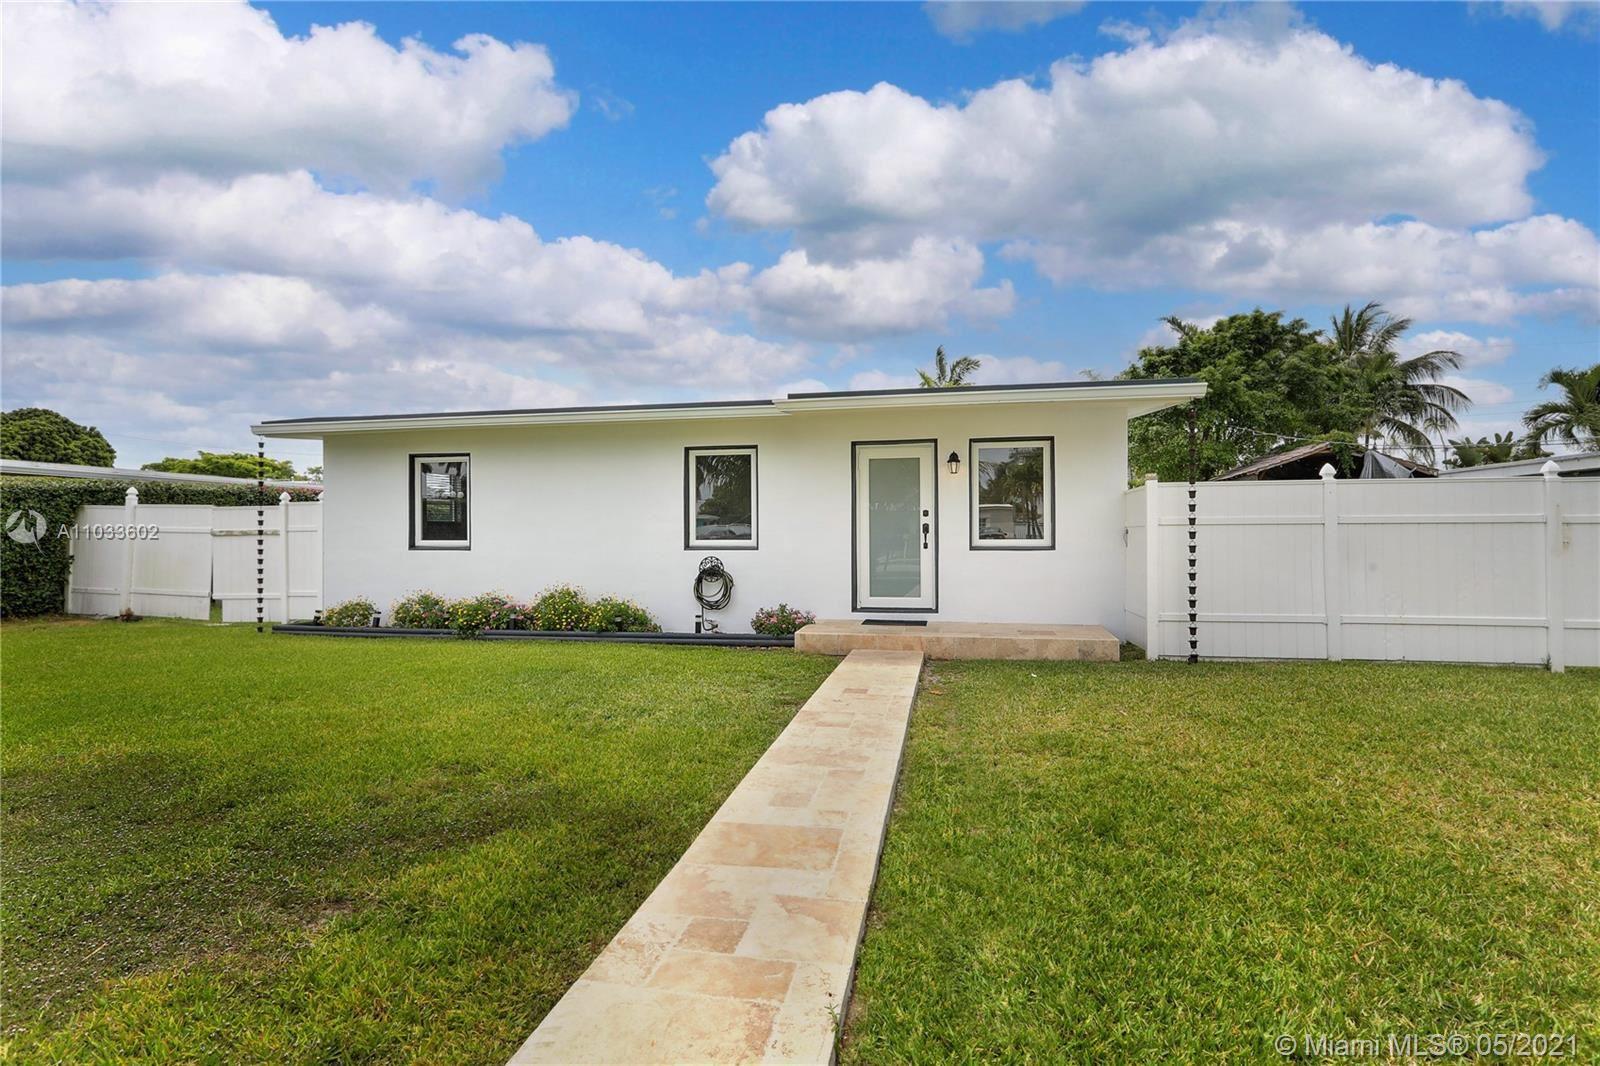 9900 SW 49th St, Miami, FL 33165 - #: A11033602